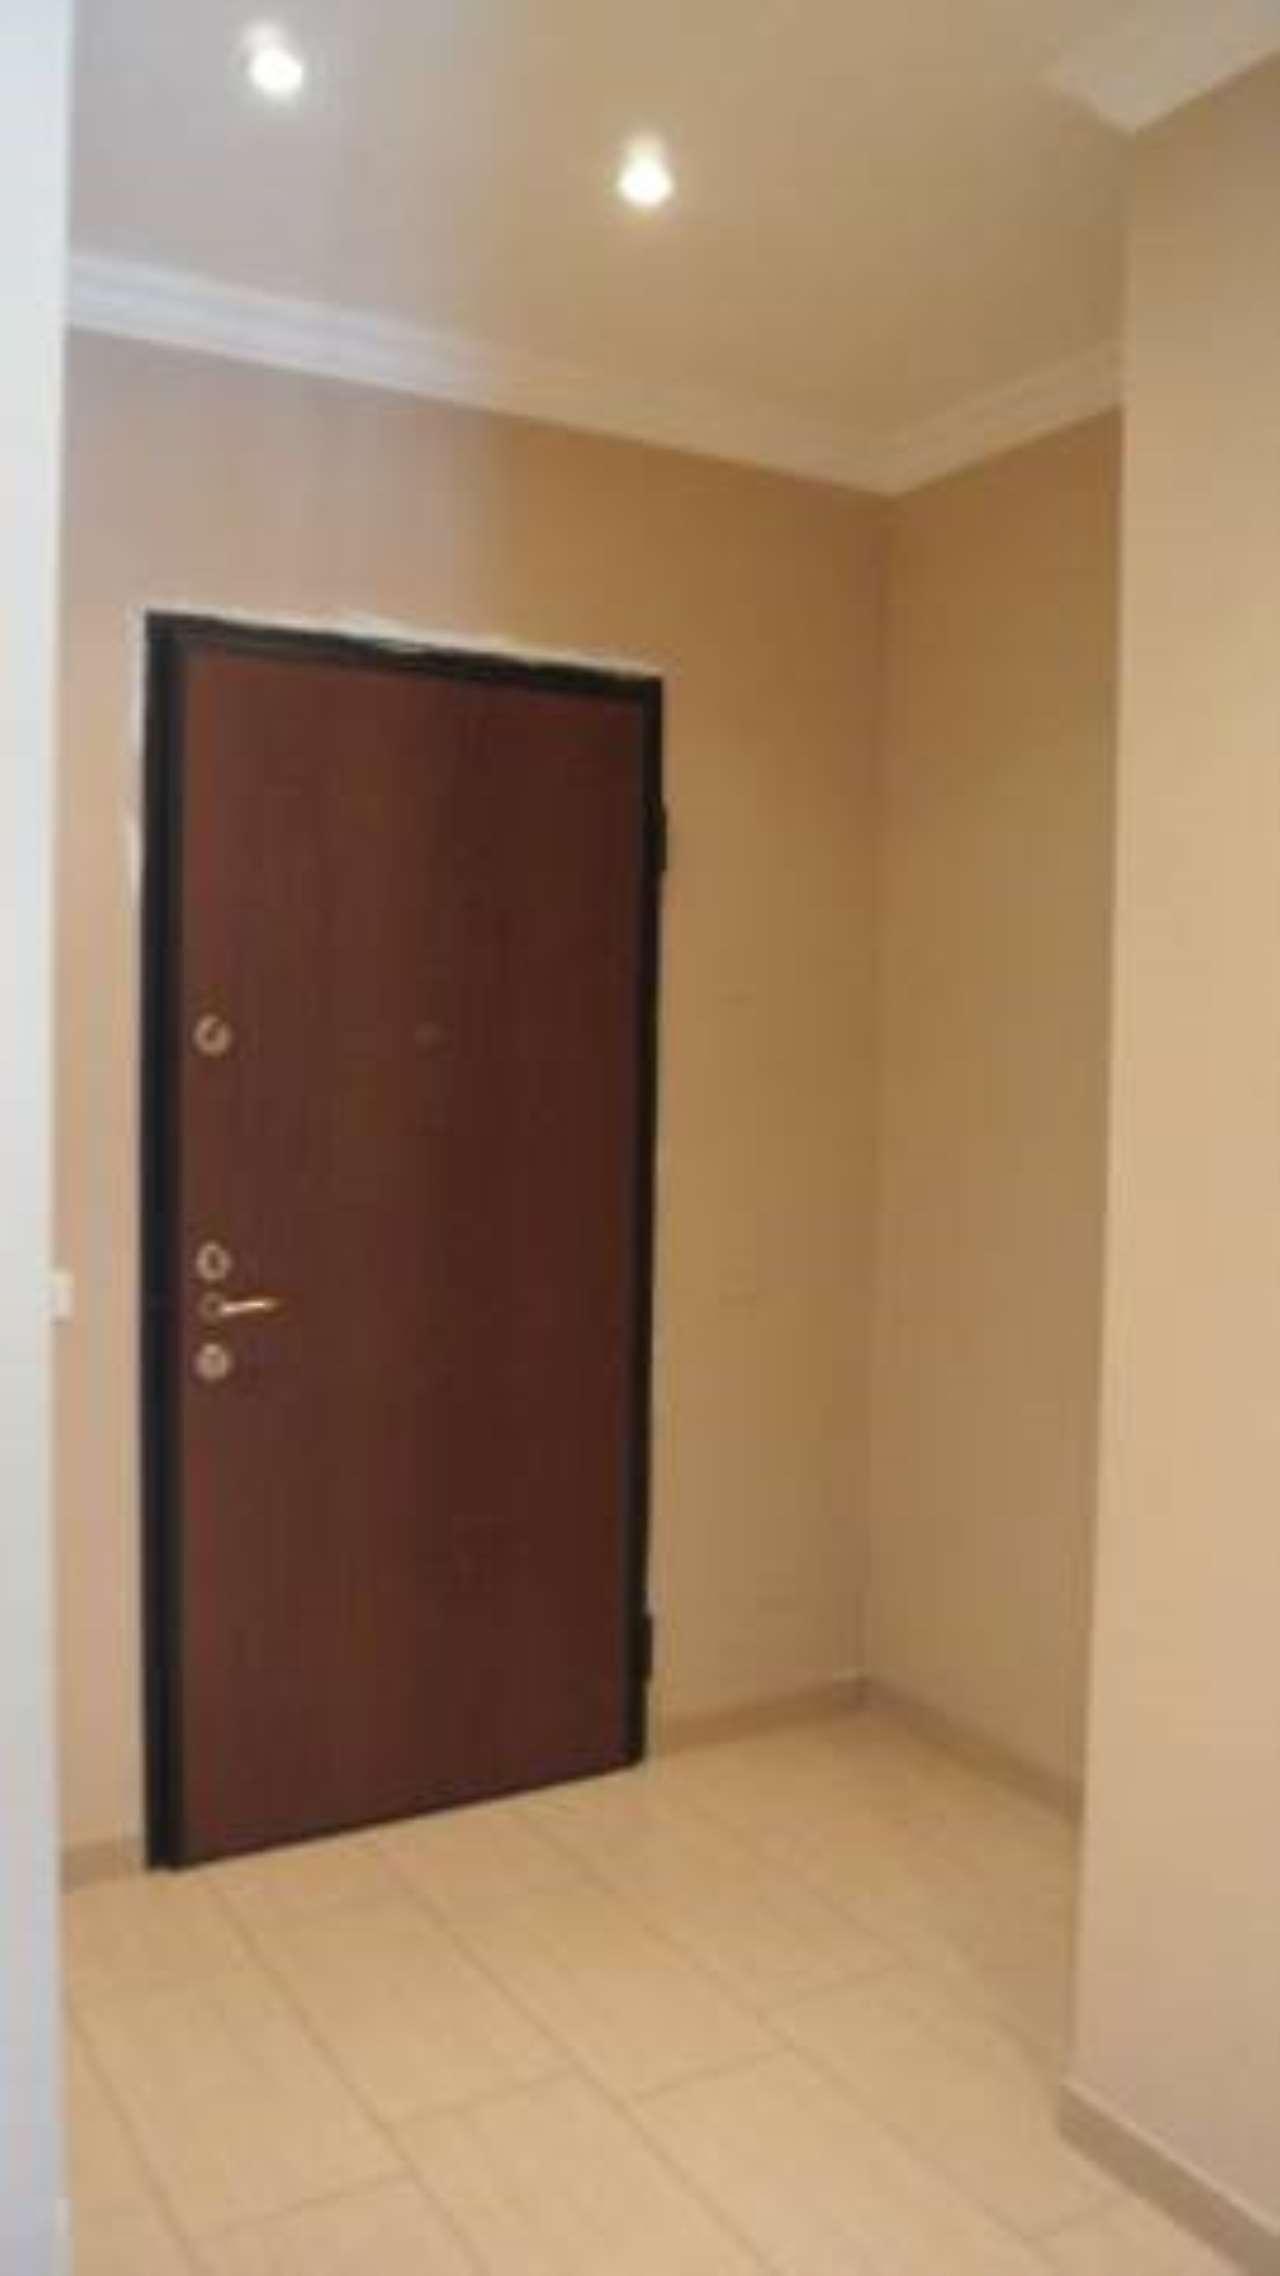 Appartamento in vendita a Cernusco sul Naviglio, 2 locali, prezzo € 153.000 | CambioCasa.it